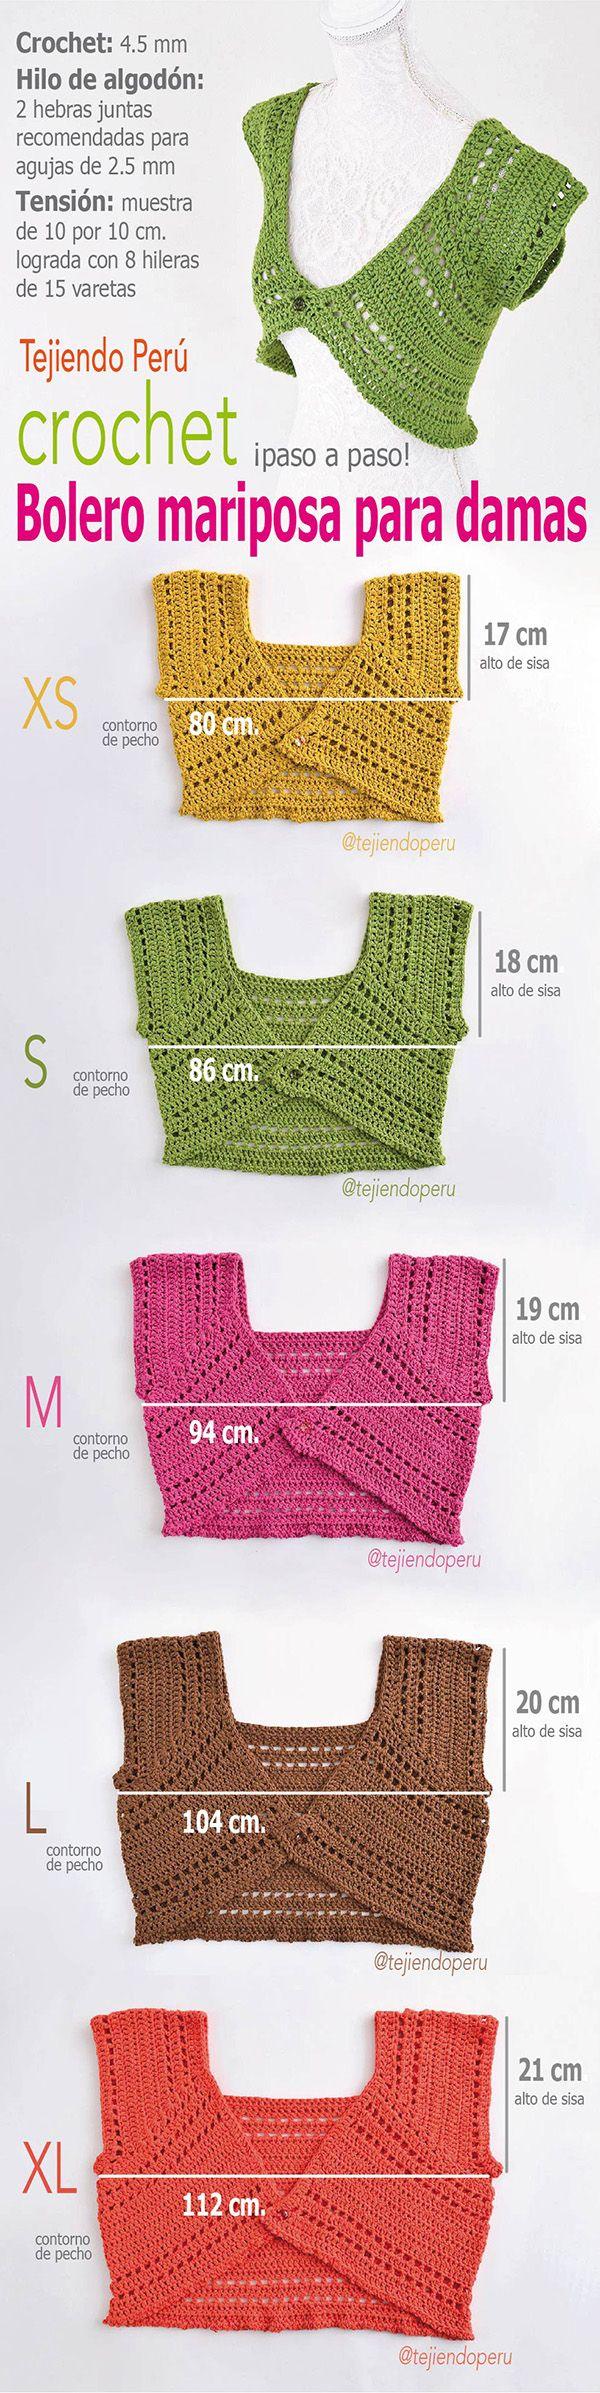 Crochet  bolero mariposa para damas tejidos a crochet en 5 tallas! Paso a  paso  ) 0d708caf4c19